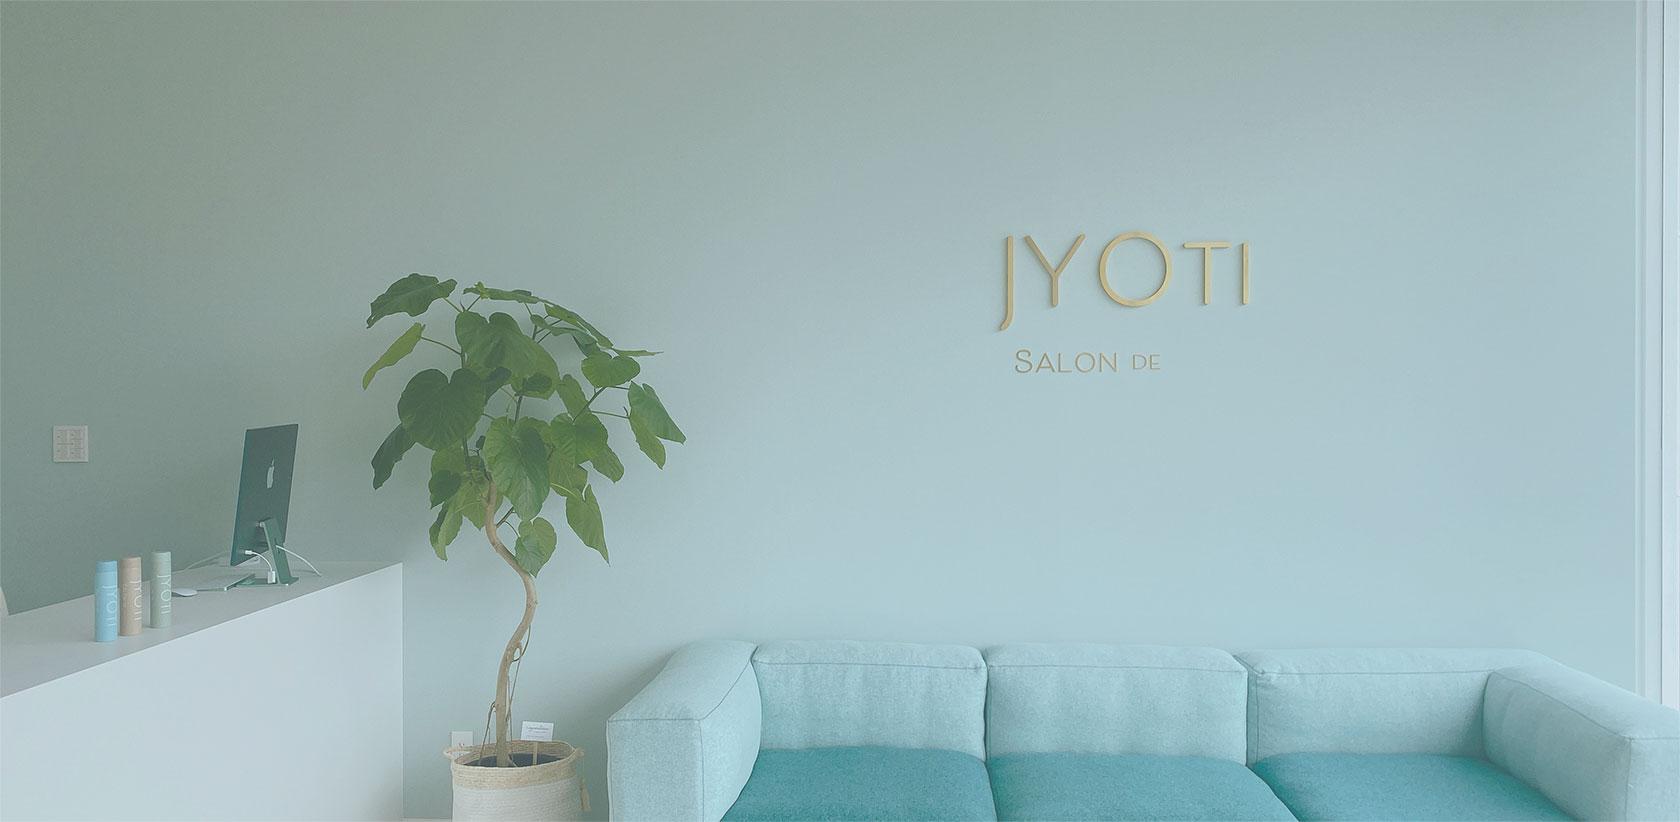 JYOTIの店内